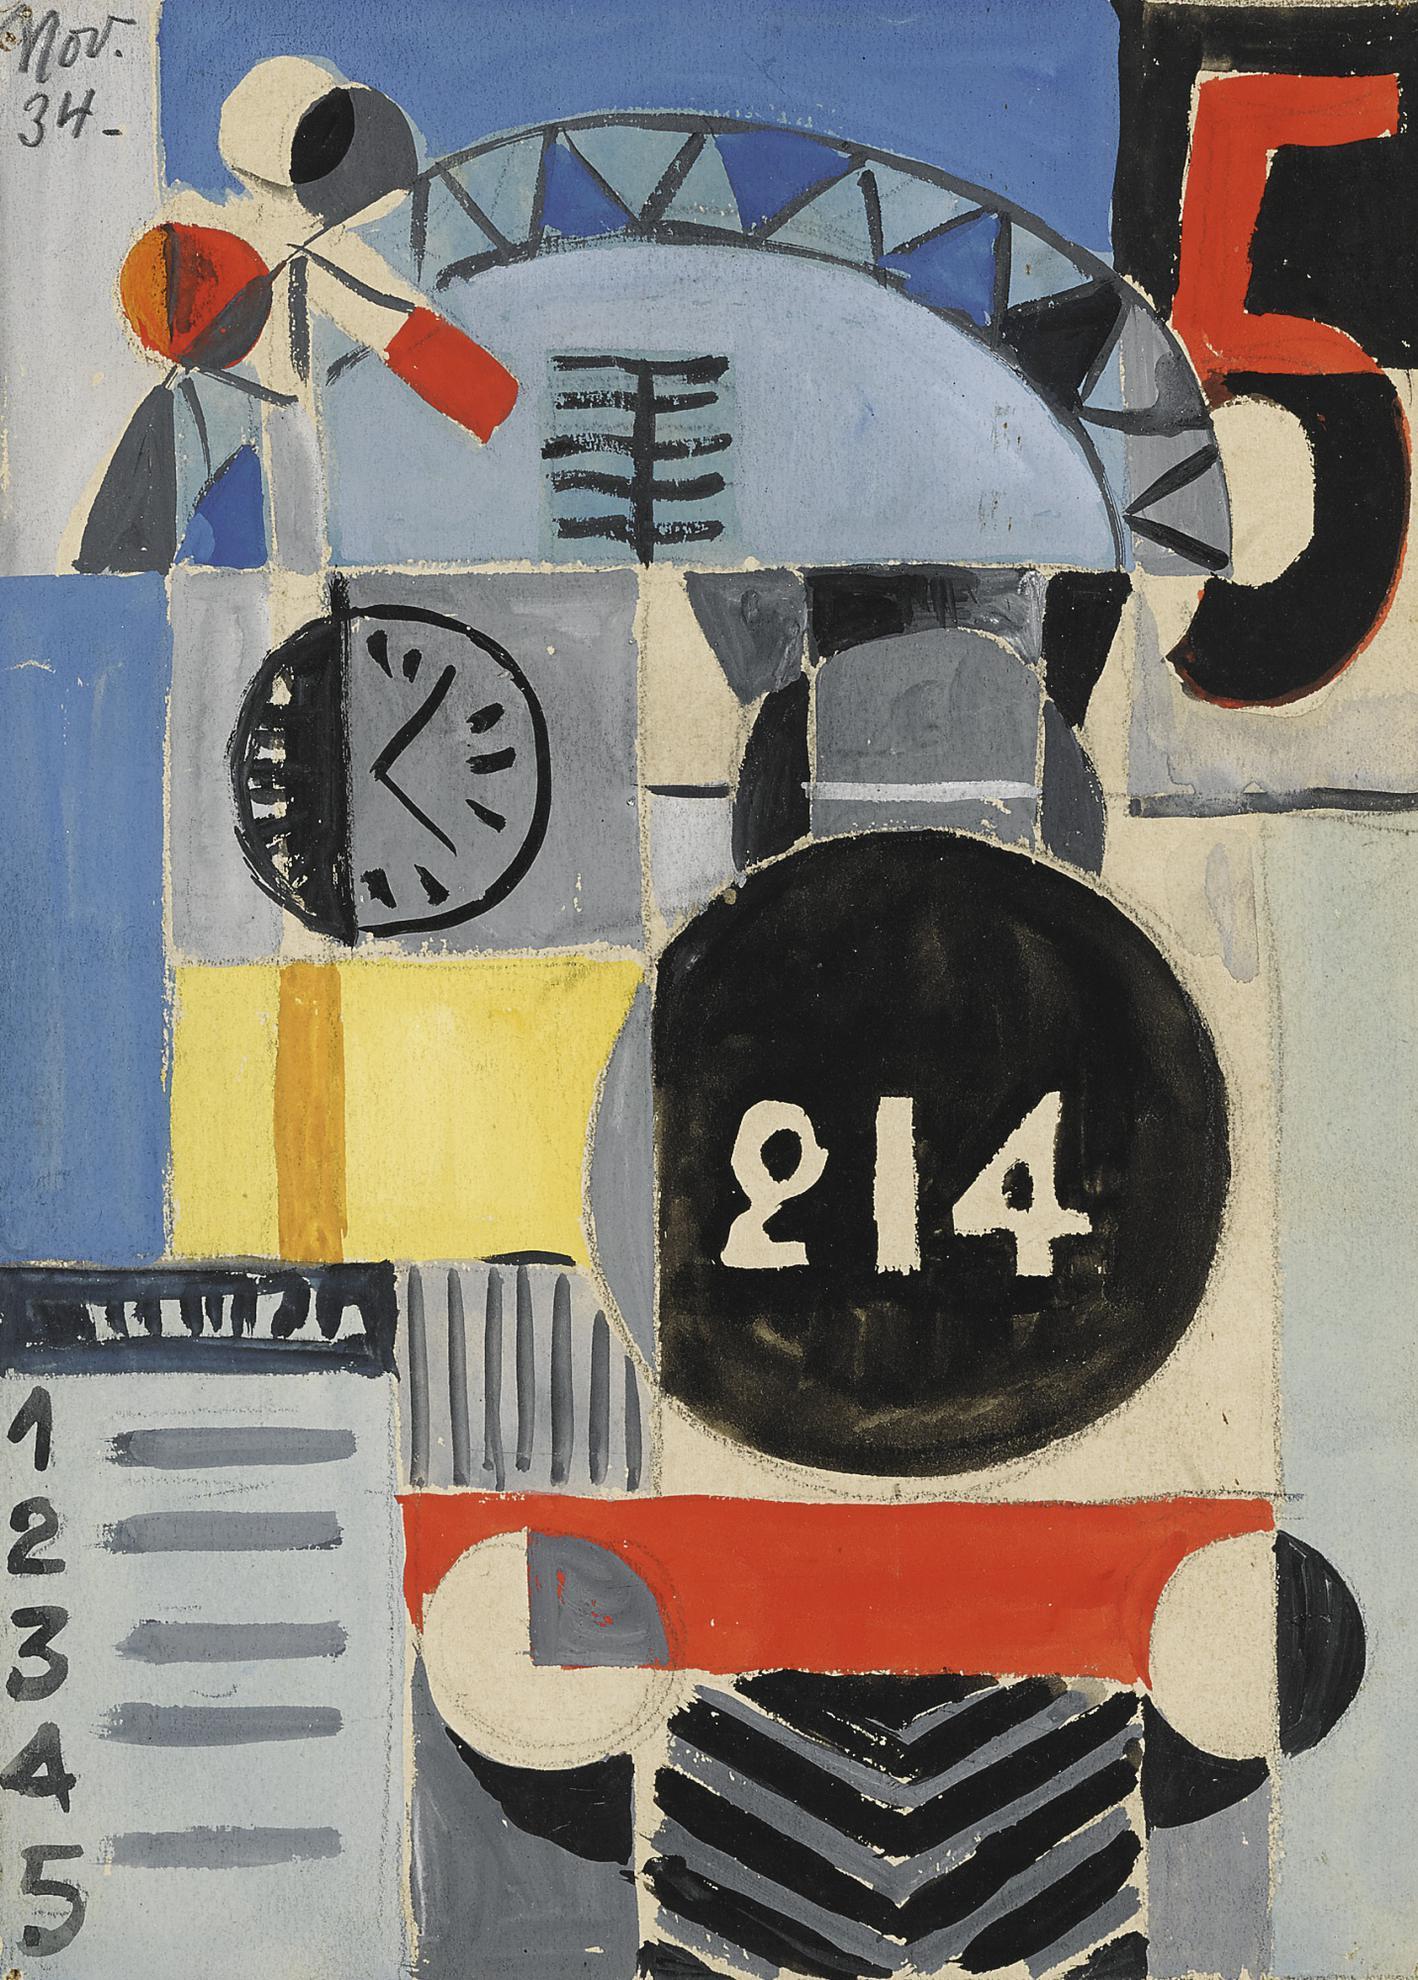 Hector Ragni - Locomotora 214-1934